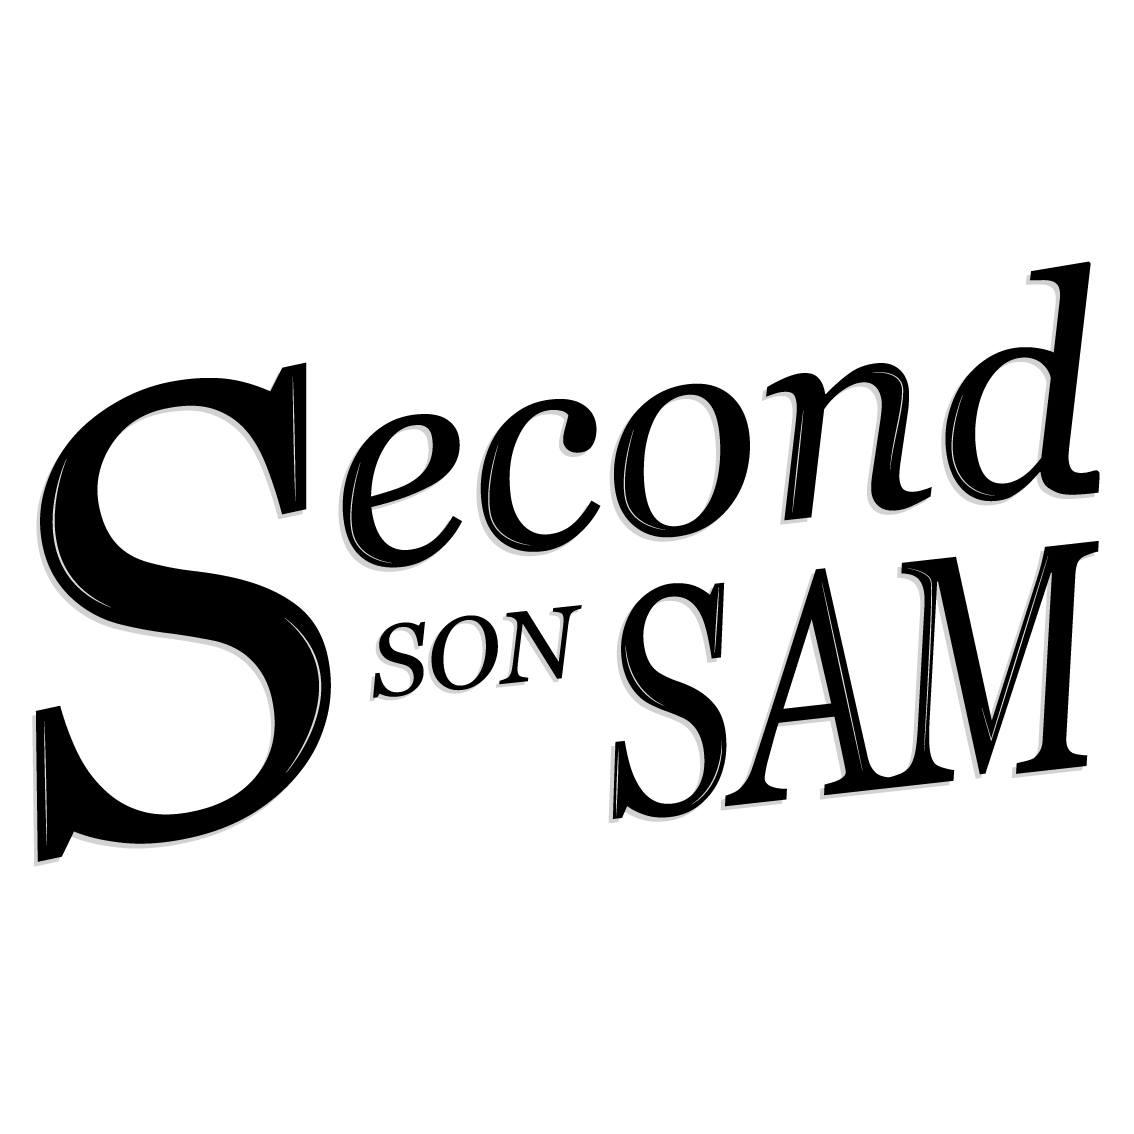 Second Son Sam...  Runner up van Kamp Noord in 2017!!   Zij omschrijven zich zo ...  'Persoonlijk en confronterend, maar ook met hoop op een betere toekomst. Second Son Sam speelt sfeervolle folkpop/folkrock die doordringt tot in je ziel, die je tracht te raken met woorden recht uit het hart. '   meer moet dat ni zijn...   Zij spelen om 20u10 op de mainstage... Kom dus op tijd!!!   #lokalehelden #kampnoord  Jeugddienst Brasschaat